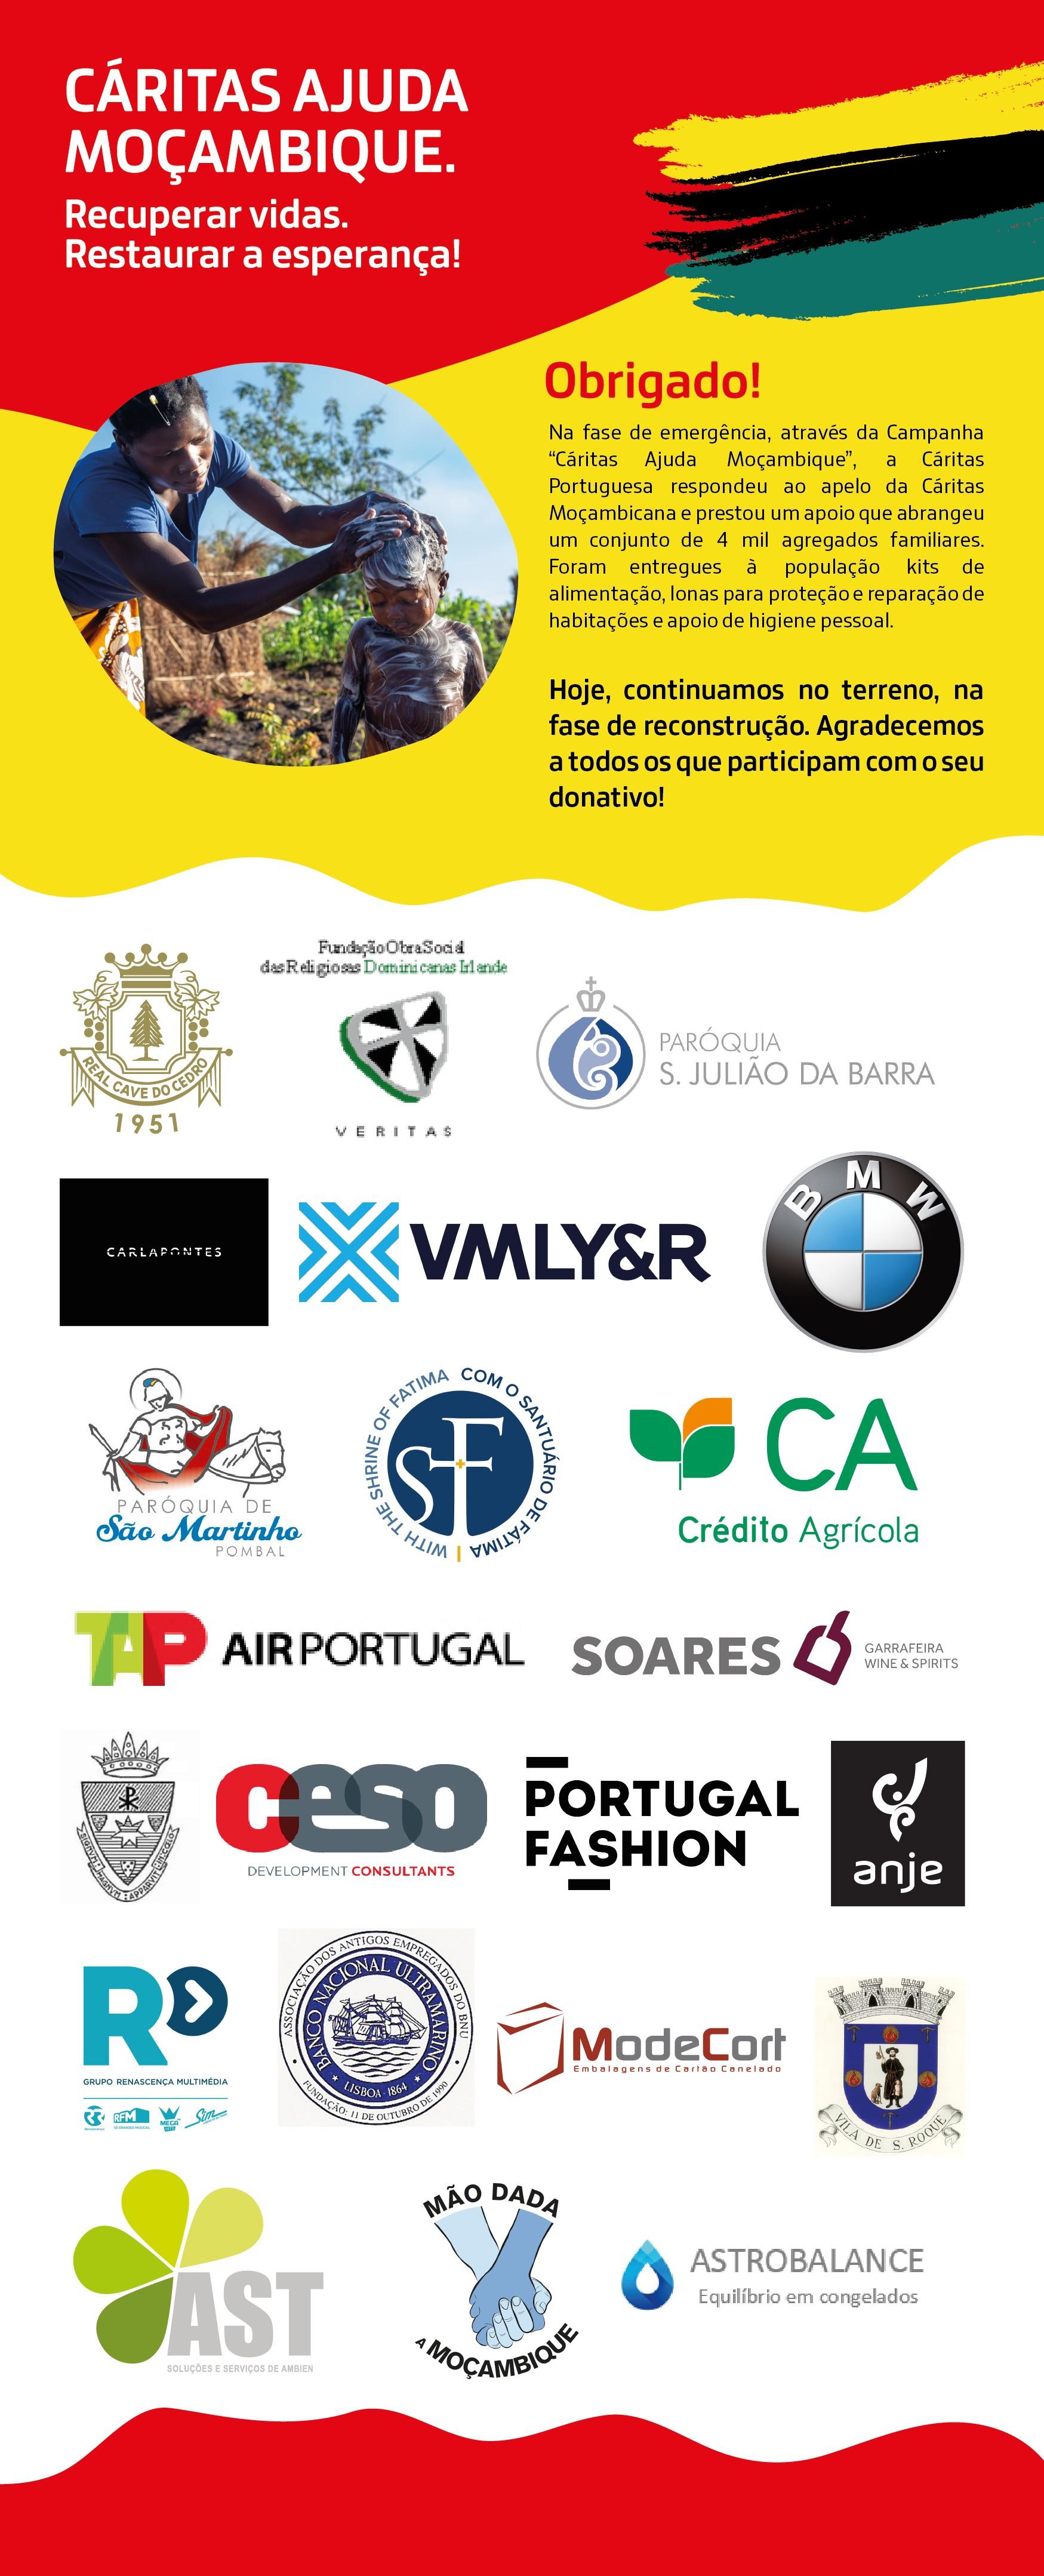 caritas ajuda moçambique agradecimento_empresas doadoras